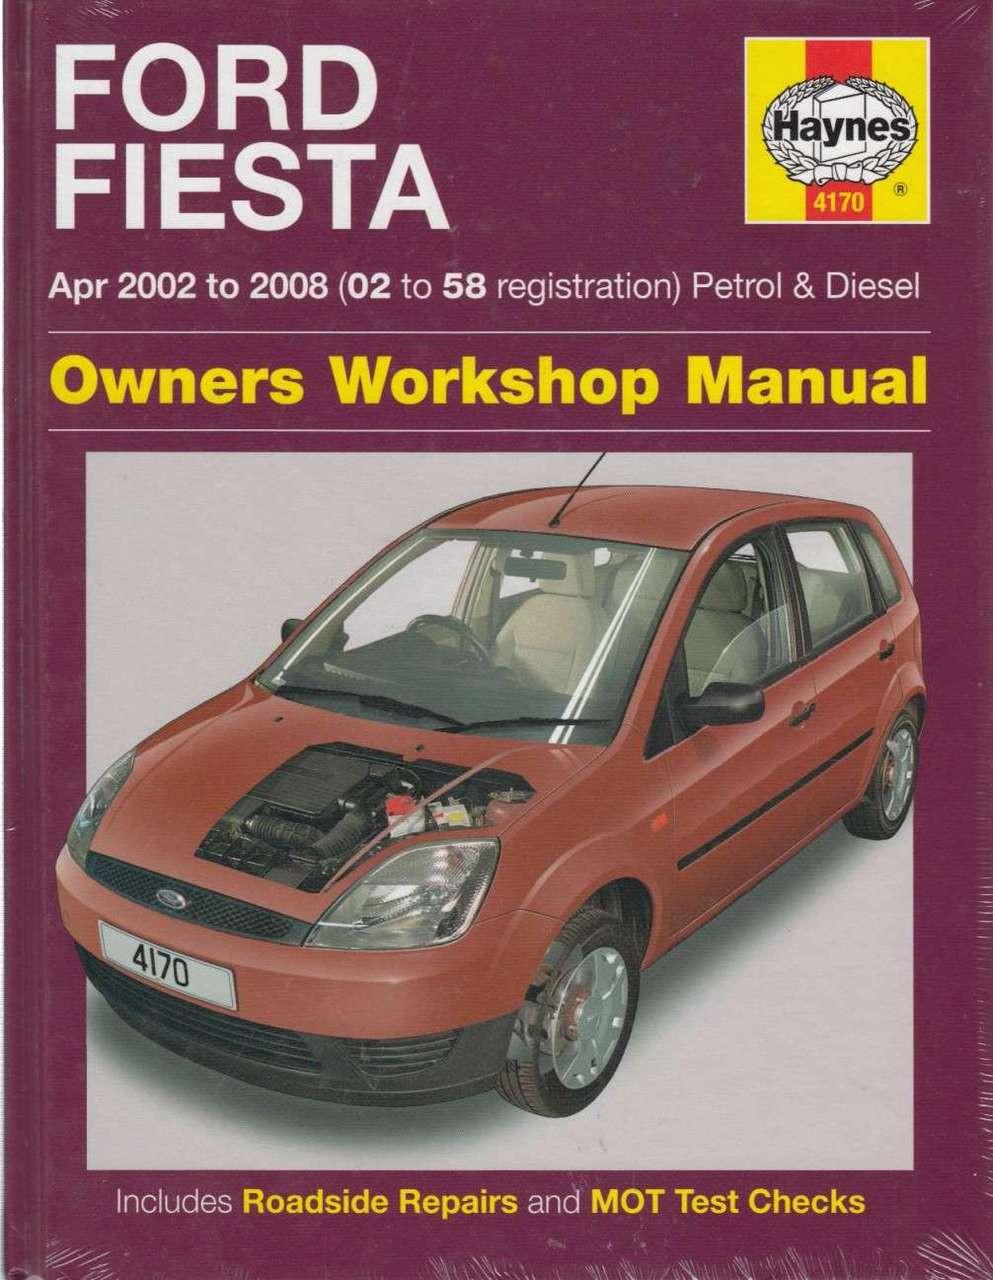 ford fiesta petrol diesel 2002 2008 workshop manual rh automotobookshop com au 1998 ford fiesta workshop manual 2000 Ford Festiva